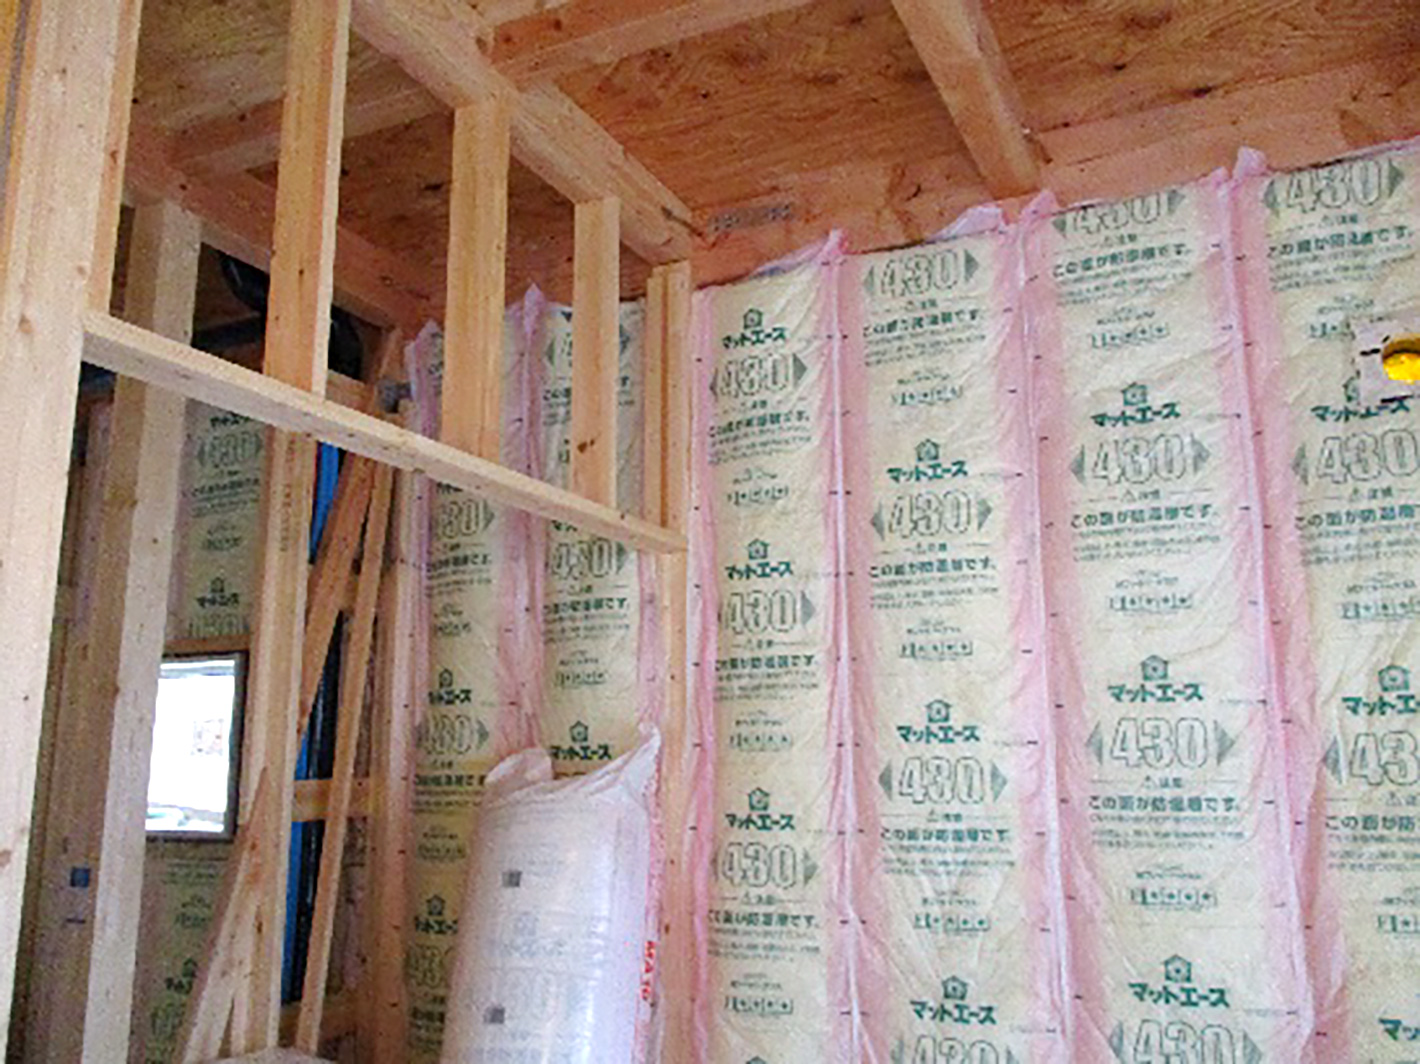 外壁、断熱材、そして造作工事中 - 坂出のT様邸